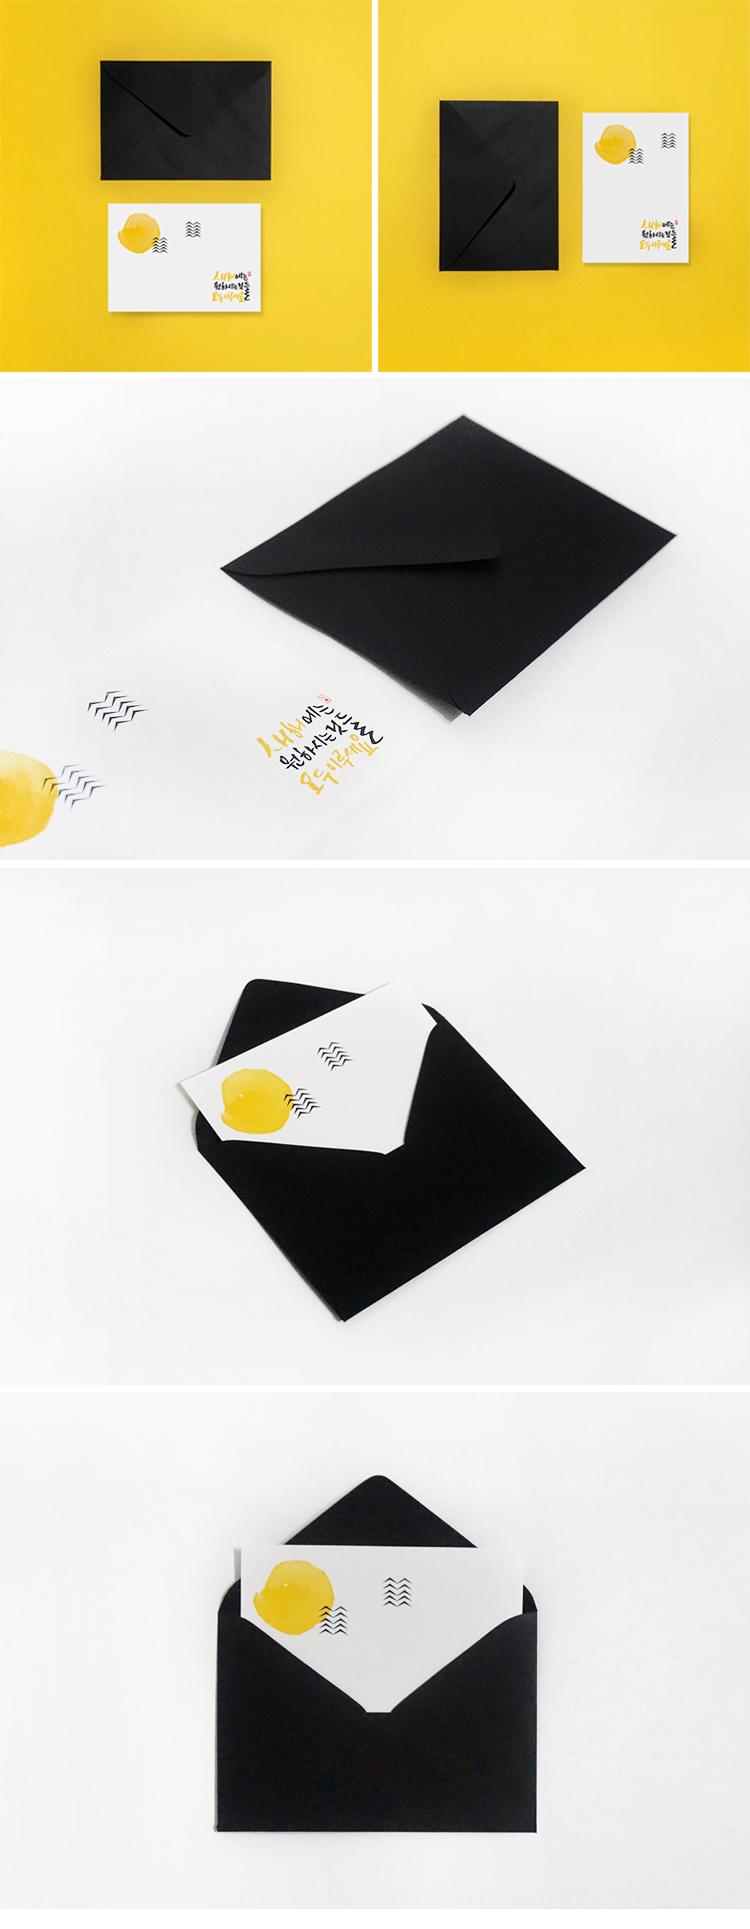 신년 새해 감사 캘리그라피 엽서+봉투 (세로형) - 닻별, 1,200원, 카드, 시즌/테마 카드